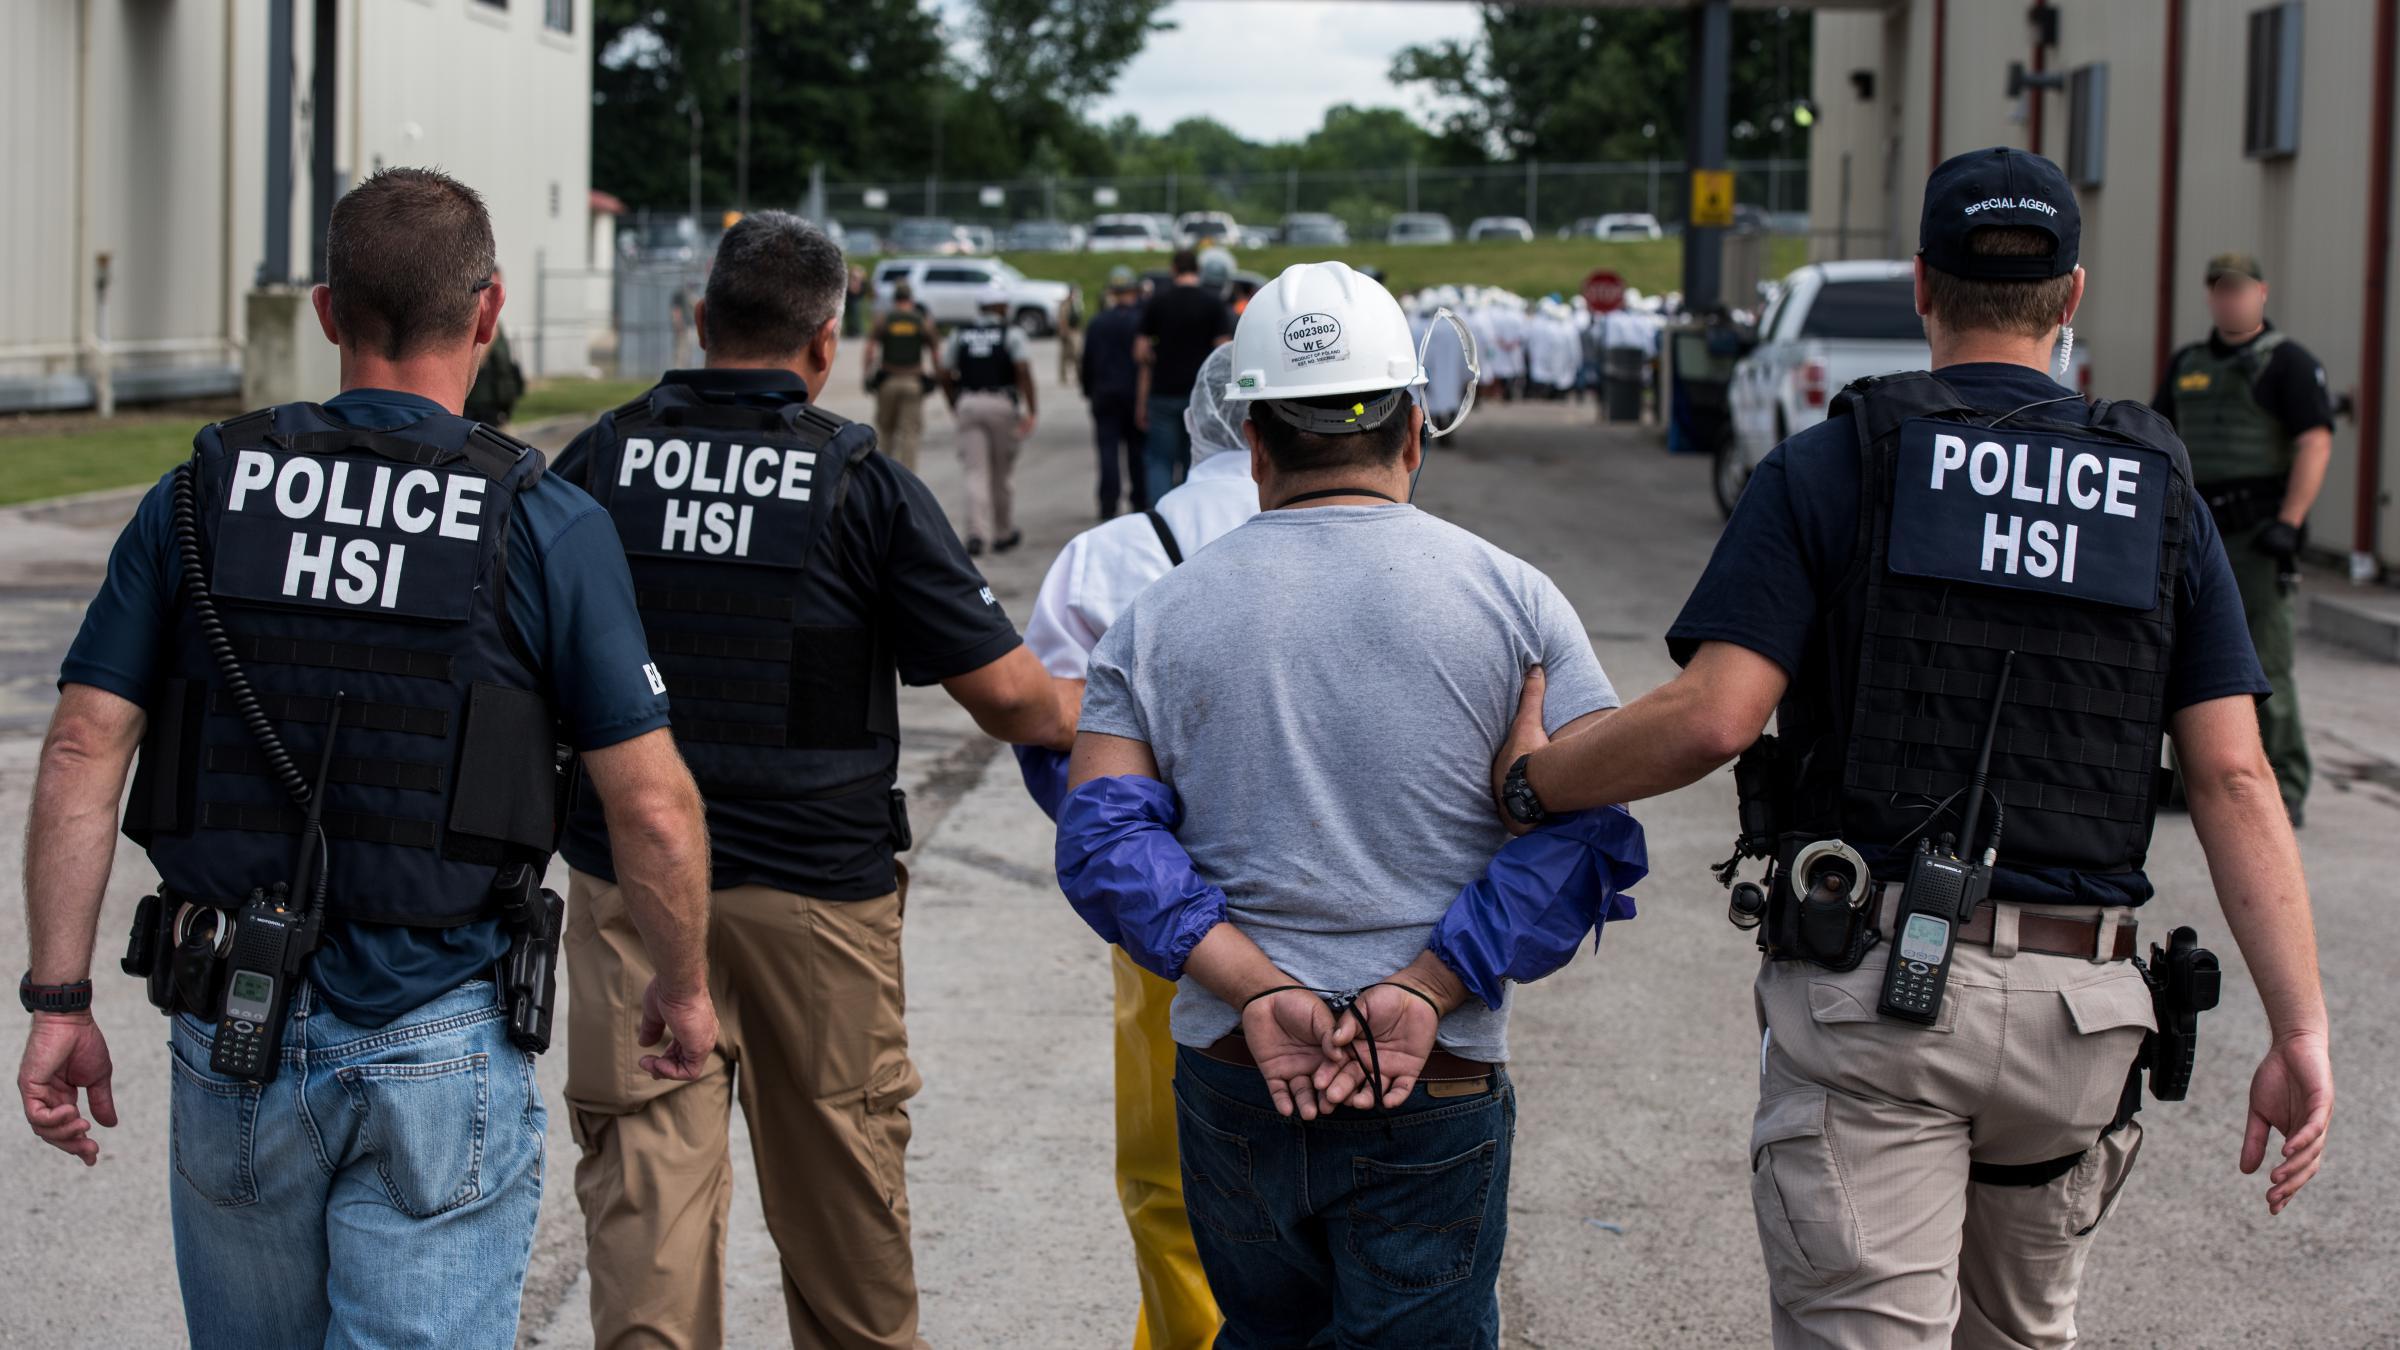 Foto20 Prisao ICE  Veja onde os indocumentados estão mais propensos a serem presos pelo ICE